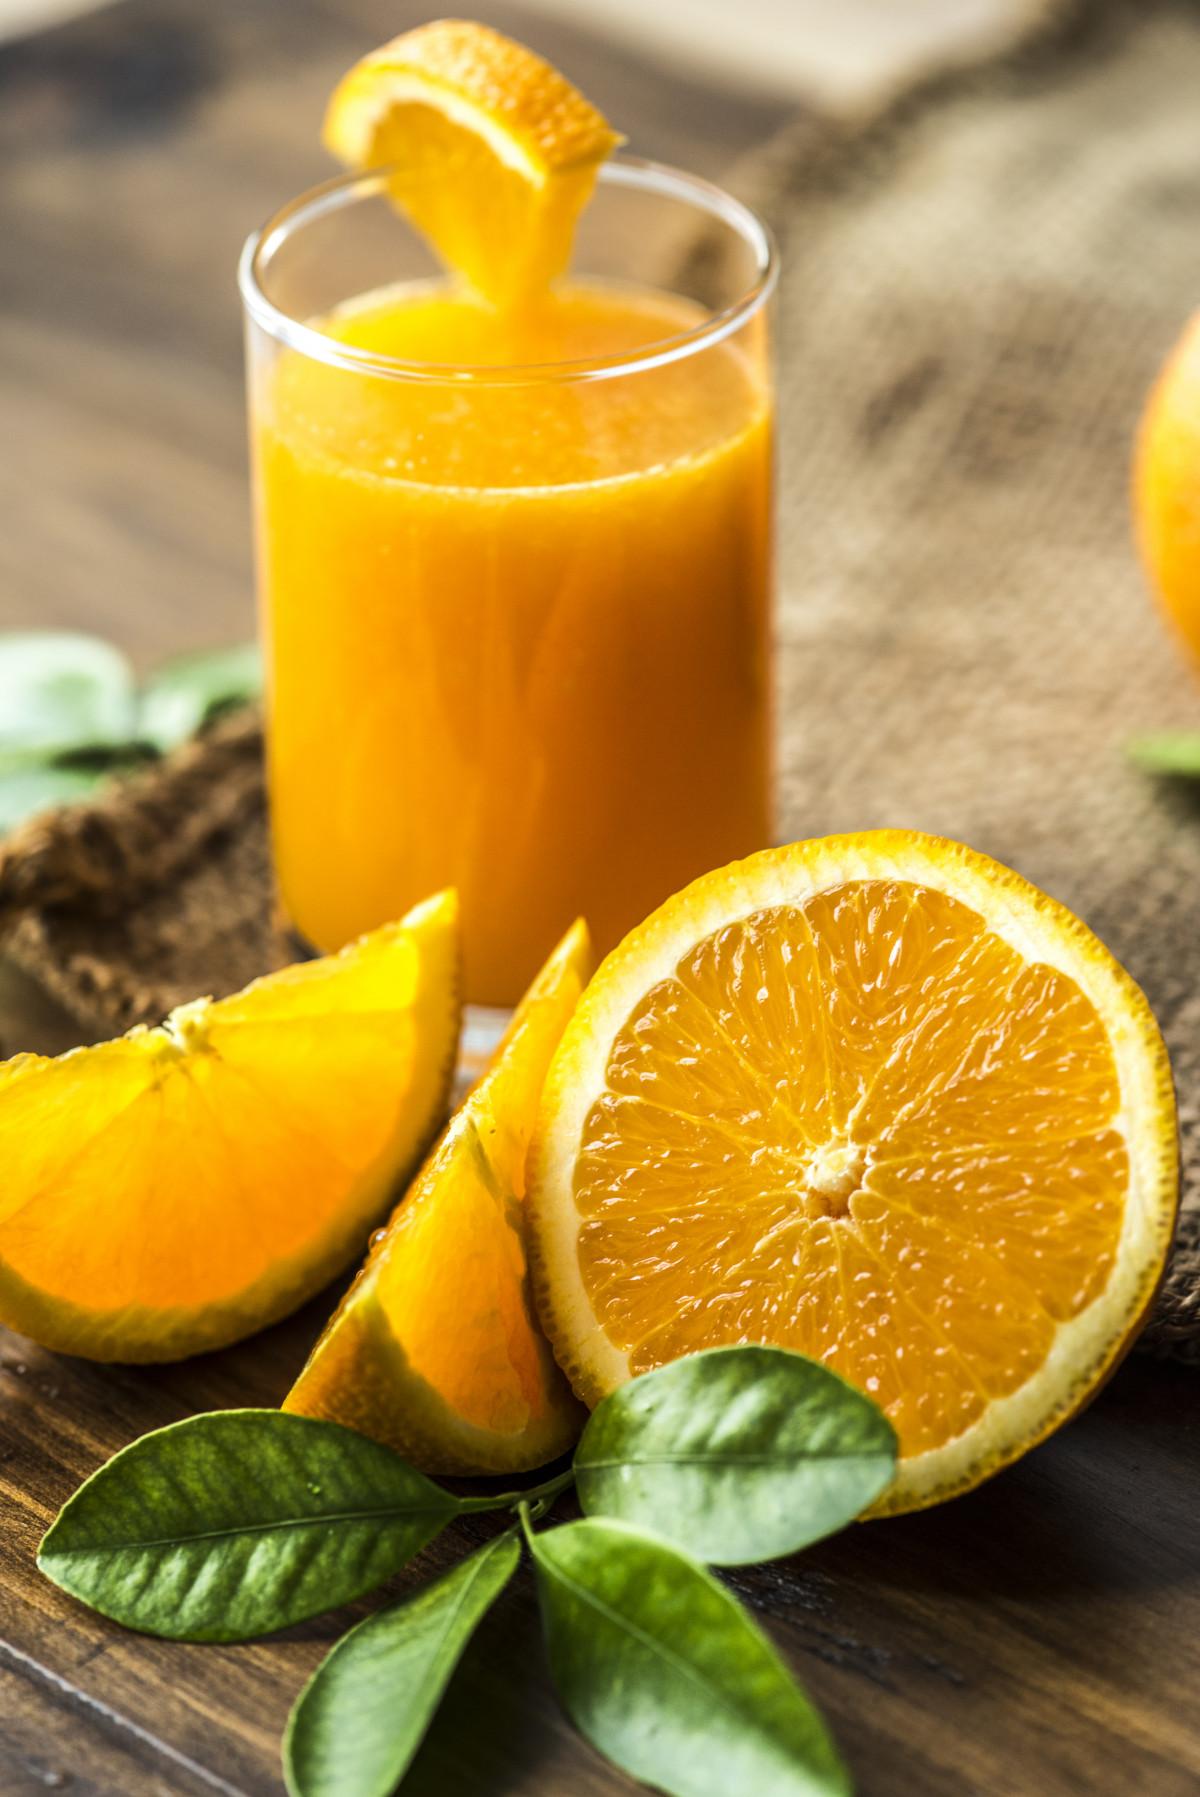 無料画像 : 柑橘類, 閉じる, ドリンク, 飲むことができる, 飲酒, 食べ物の写真, 新鮮な, しぼりたて ...